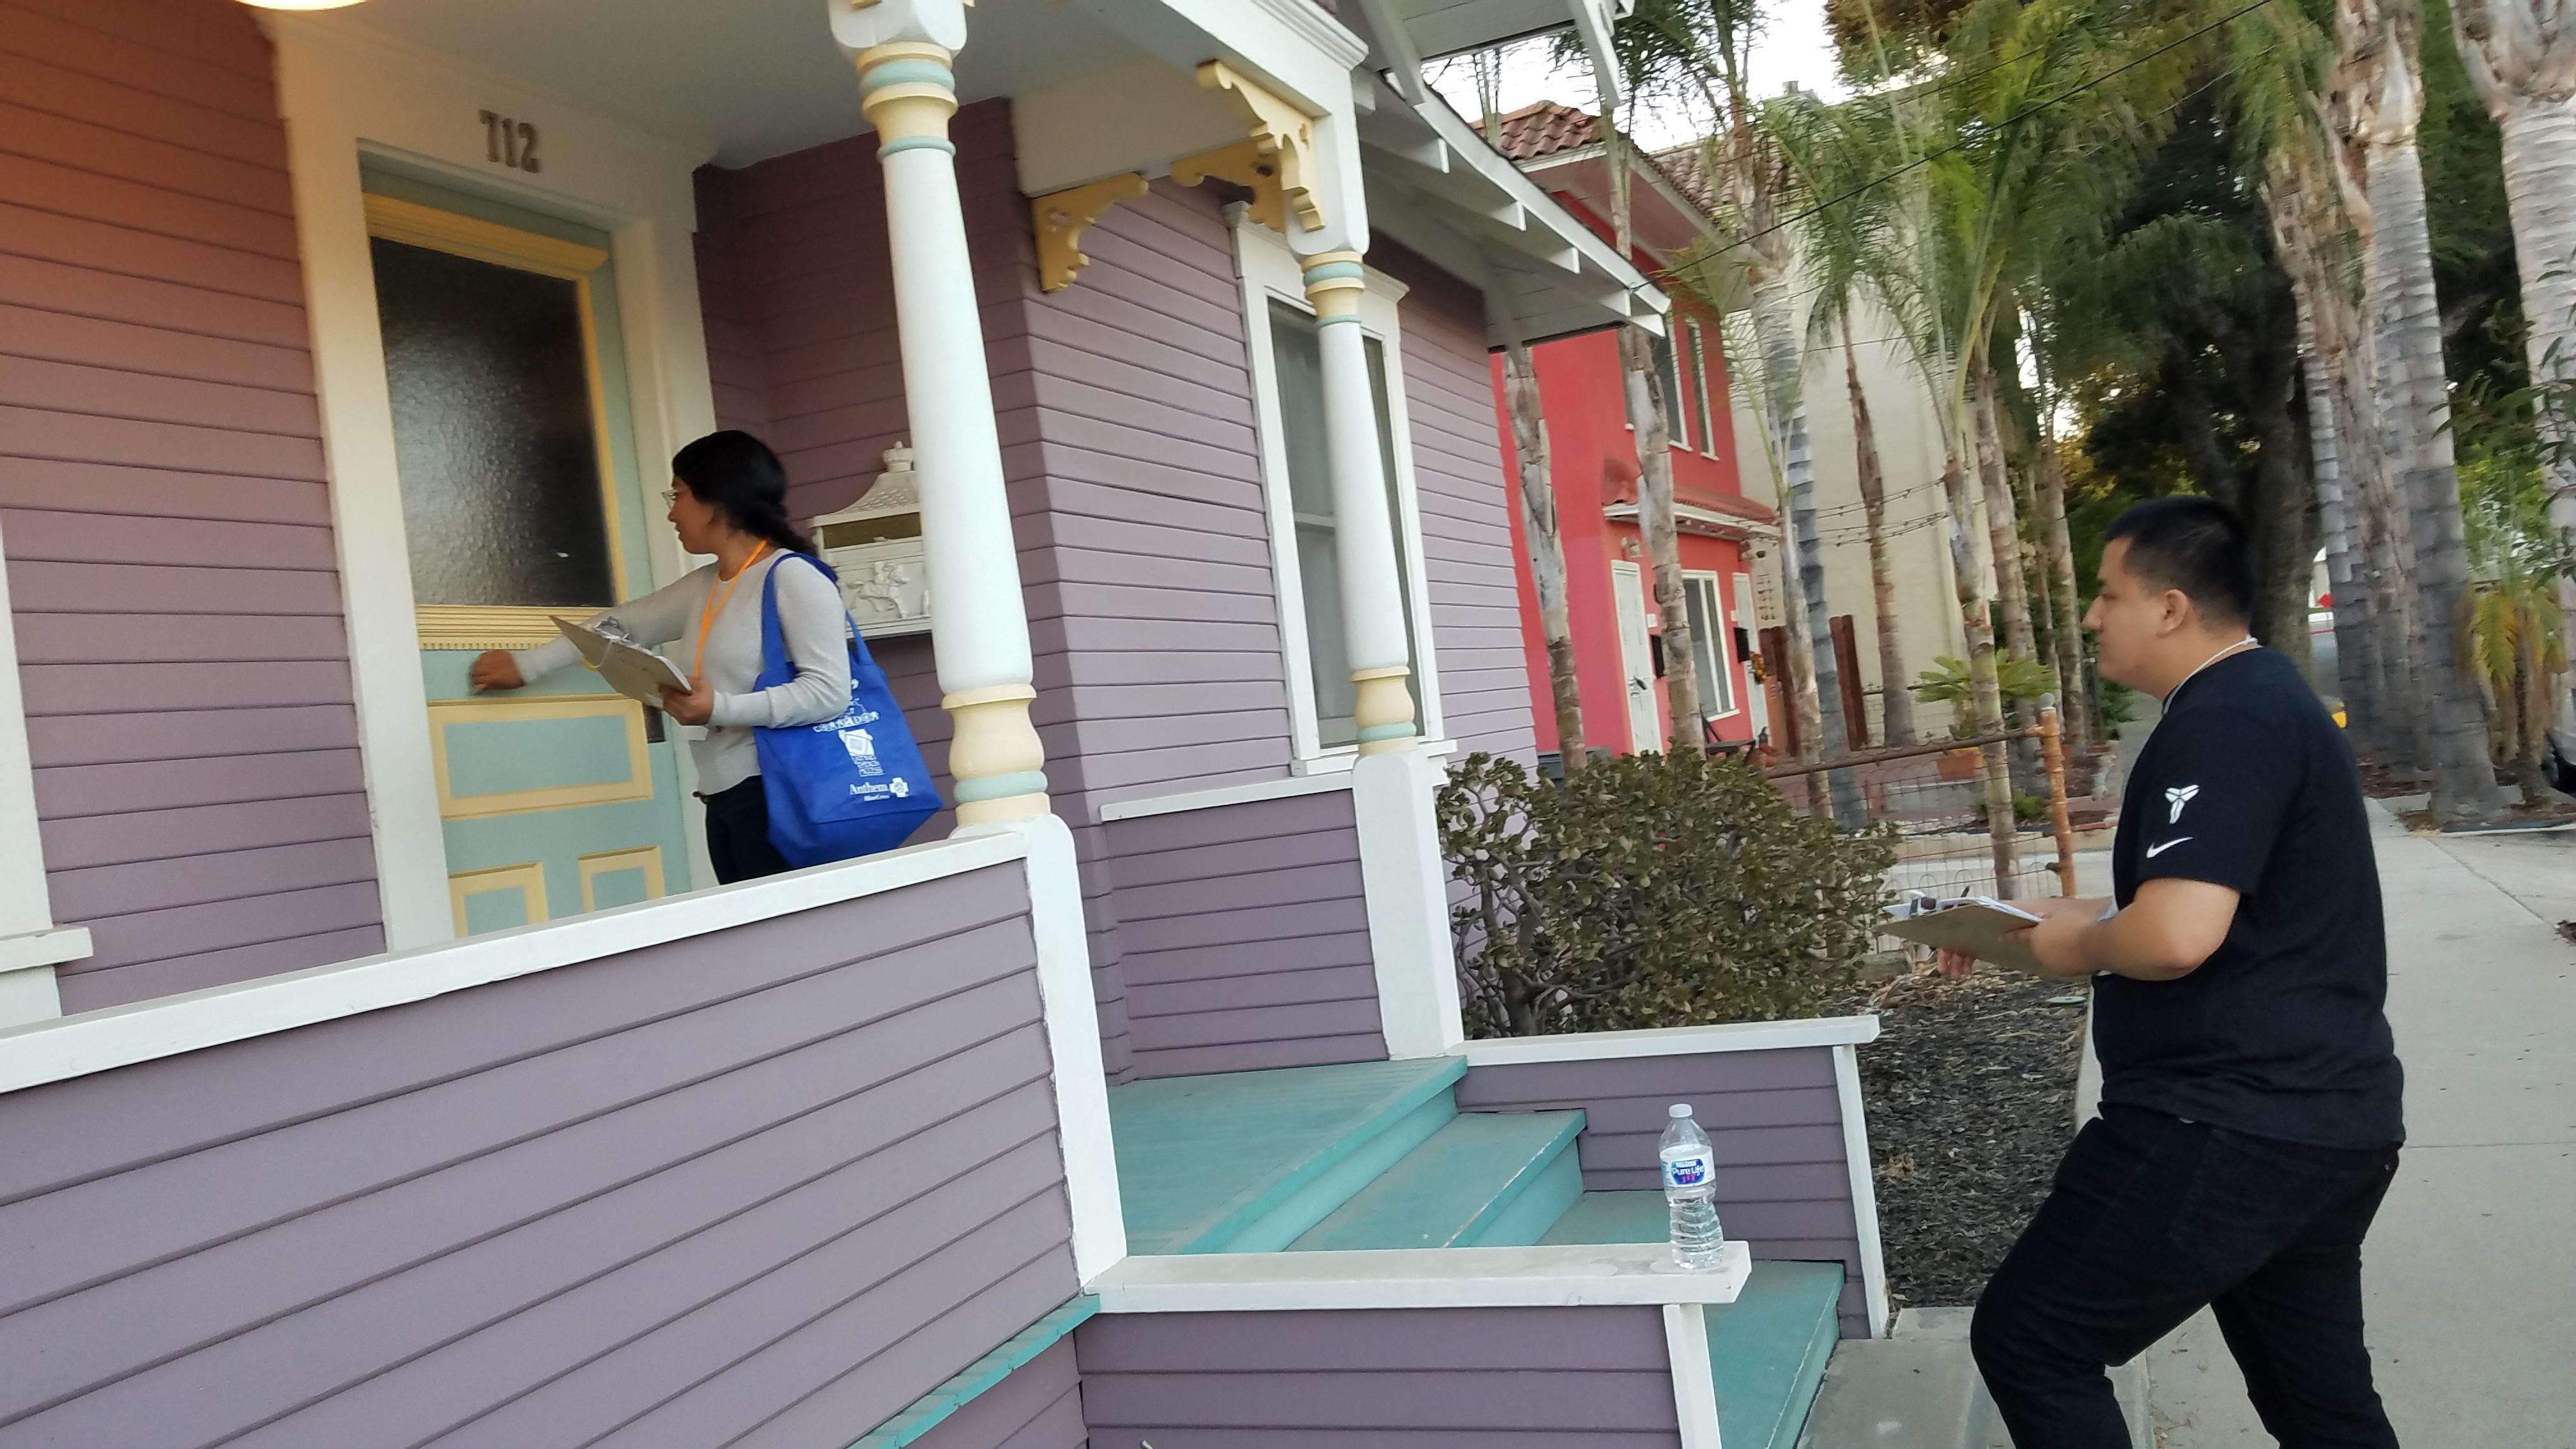 Cynthia Guerra y José Flores promueven entre los vecinos el apoyo al control de rentas en Santa Ana.